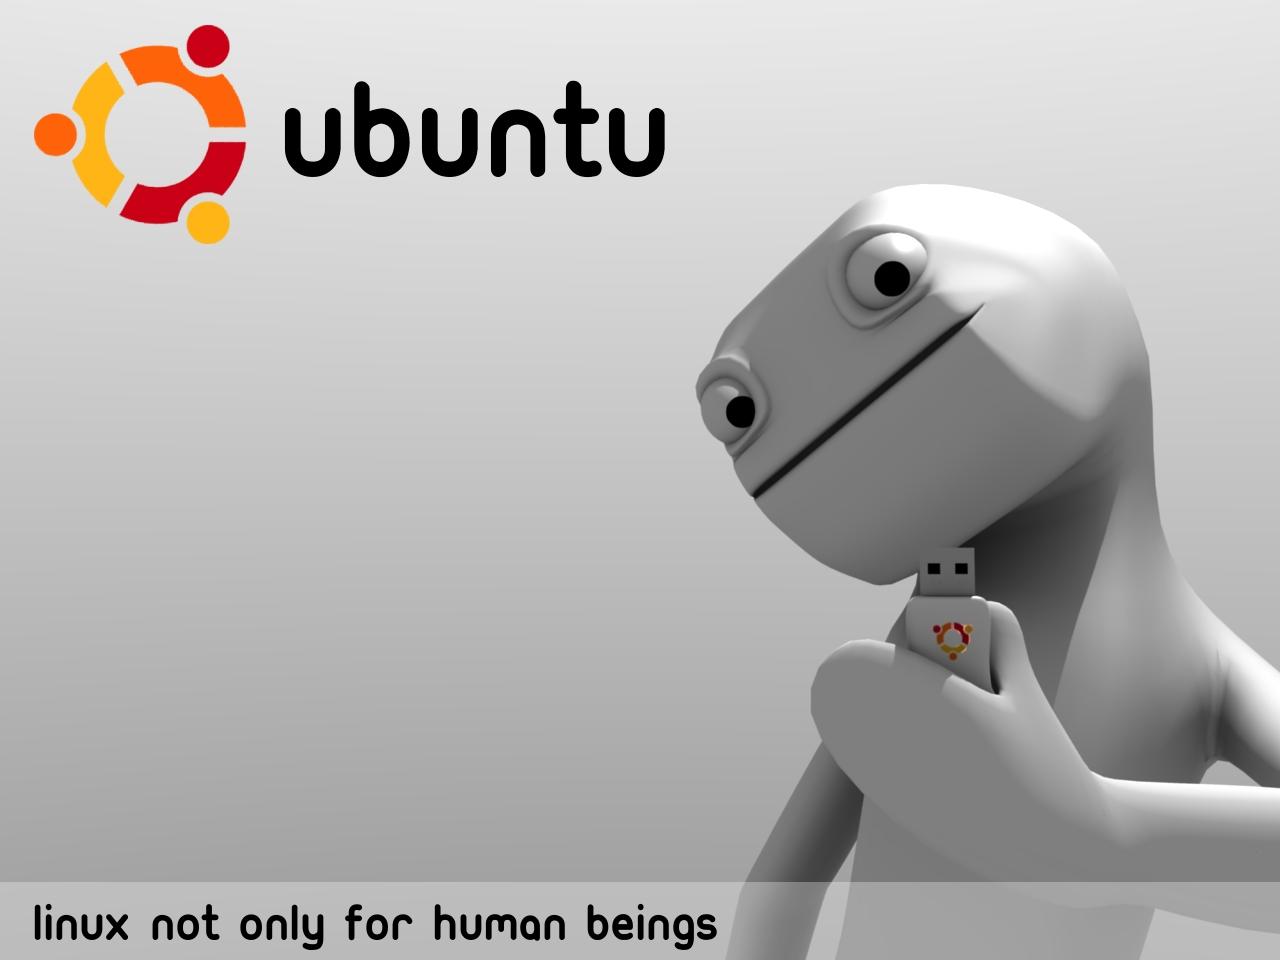 http://3.bp.blogspot.com/_Dob8rJ0PLZI/TPgl_-G3uuI/AAAAAAAAAB8/RwdGAerziE0/s1600/Ubuntu_Wallpaper_by_necro69.jpg